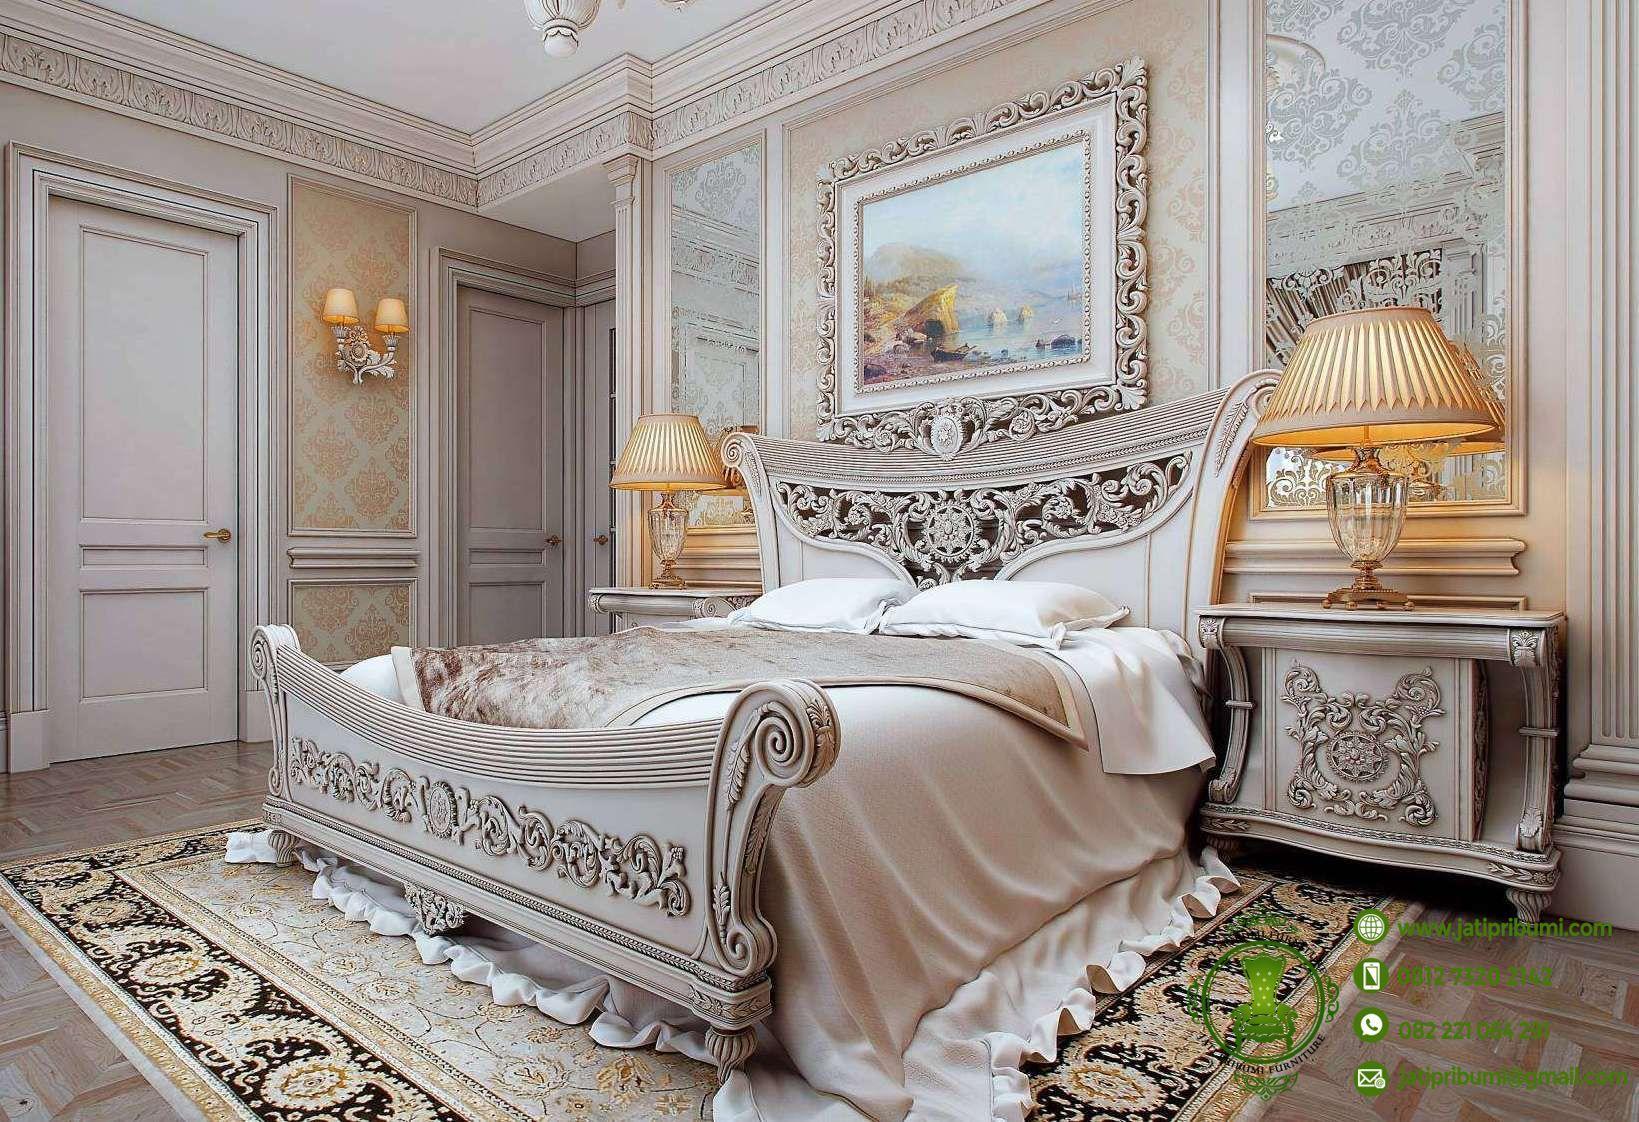 tempat tidur mewah desain victorianjpg 16391122 tempat tidur mewah desain victorianjpg 16391122 maha